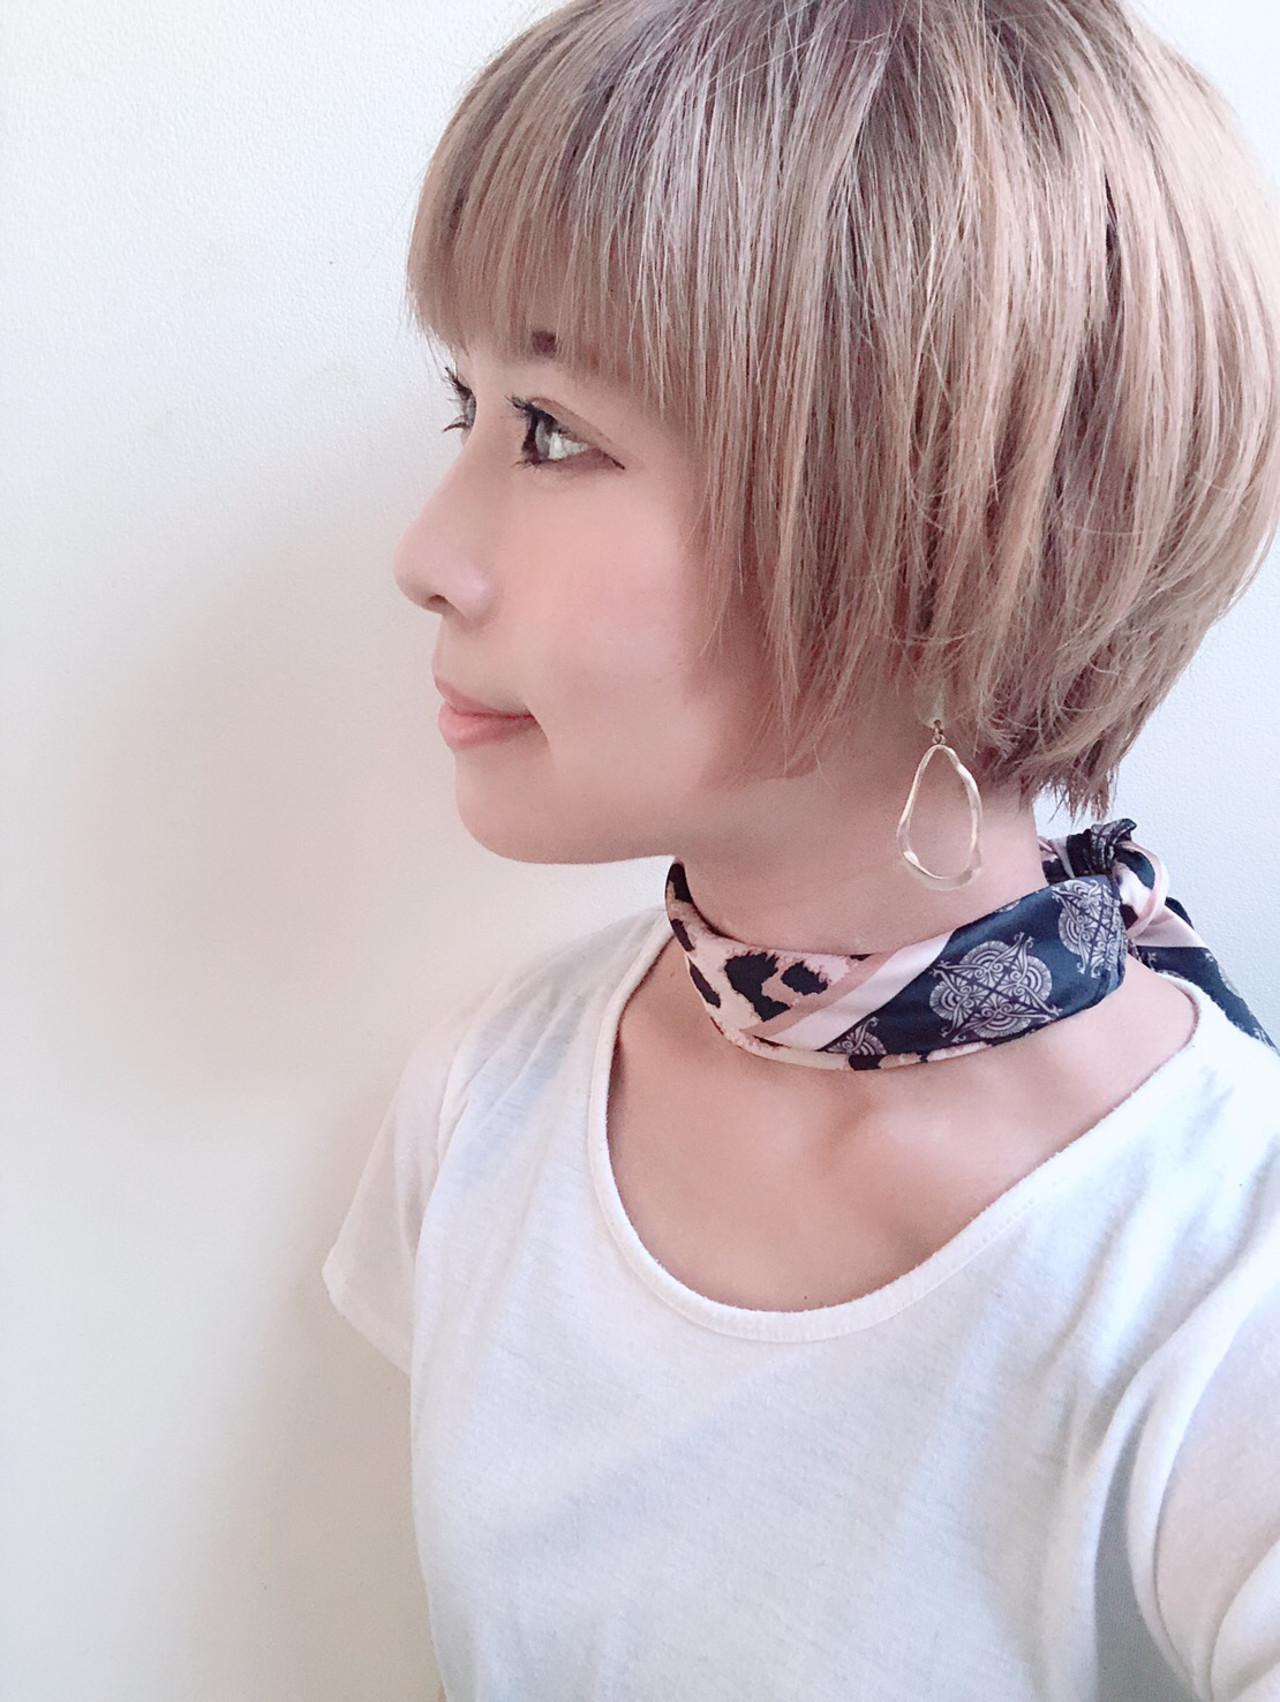 ショートヘア マッシュショート ナチュラル 小顔ショート ヘアスタイルや髪型の写真・画像 | 北川友理 / unsung